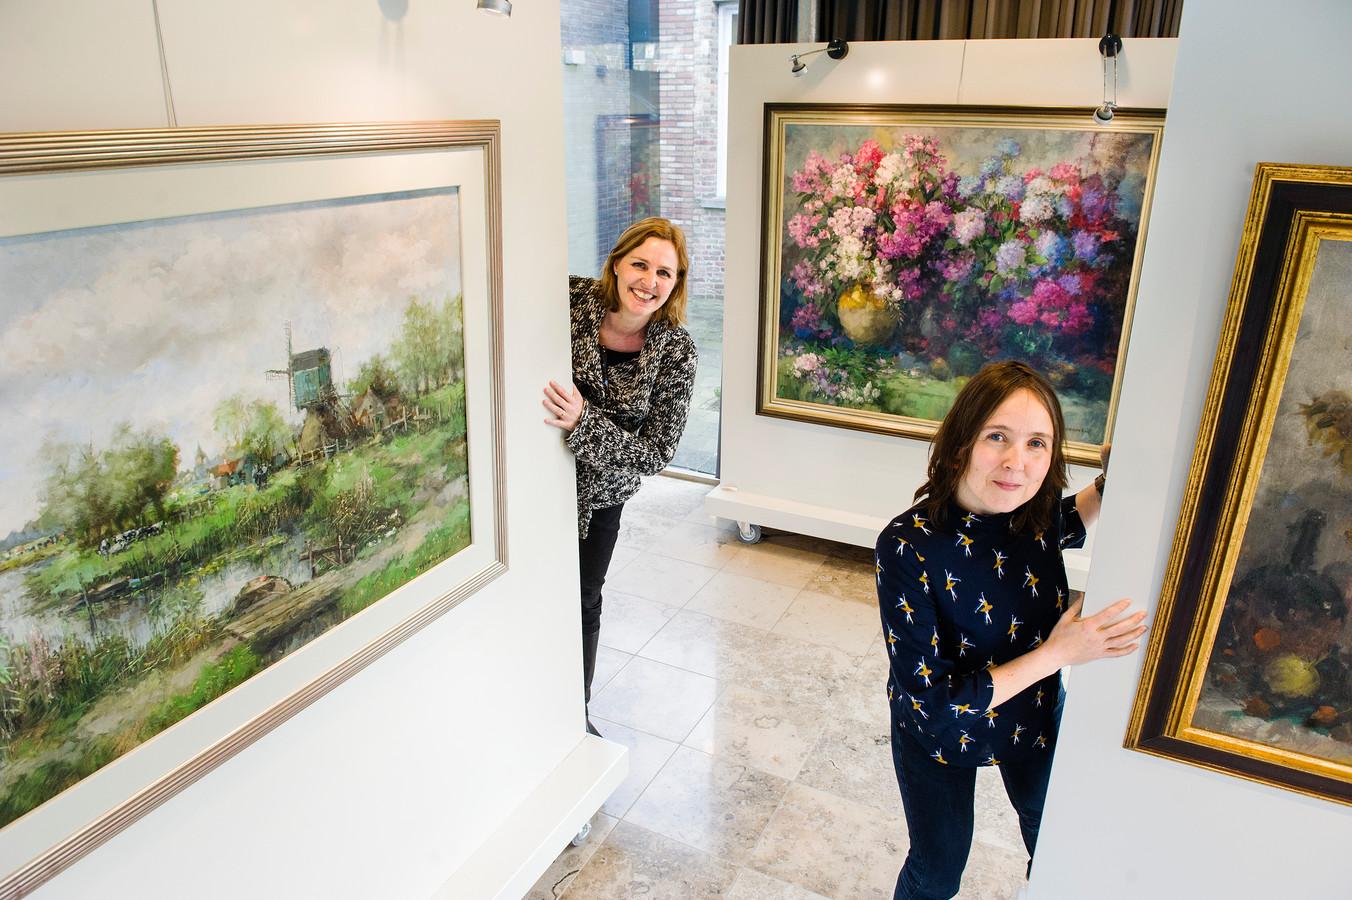 Conservator Marike de Kroon van het museum Jan Heestershuis en rechts gastconservator Annie van Dinther, zij is bestuurslid van de Stichting Atelier Dorus van Oorschot.